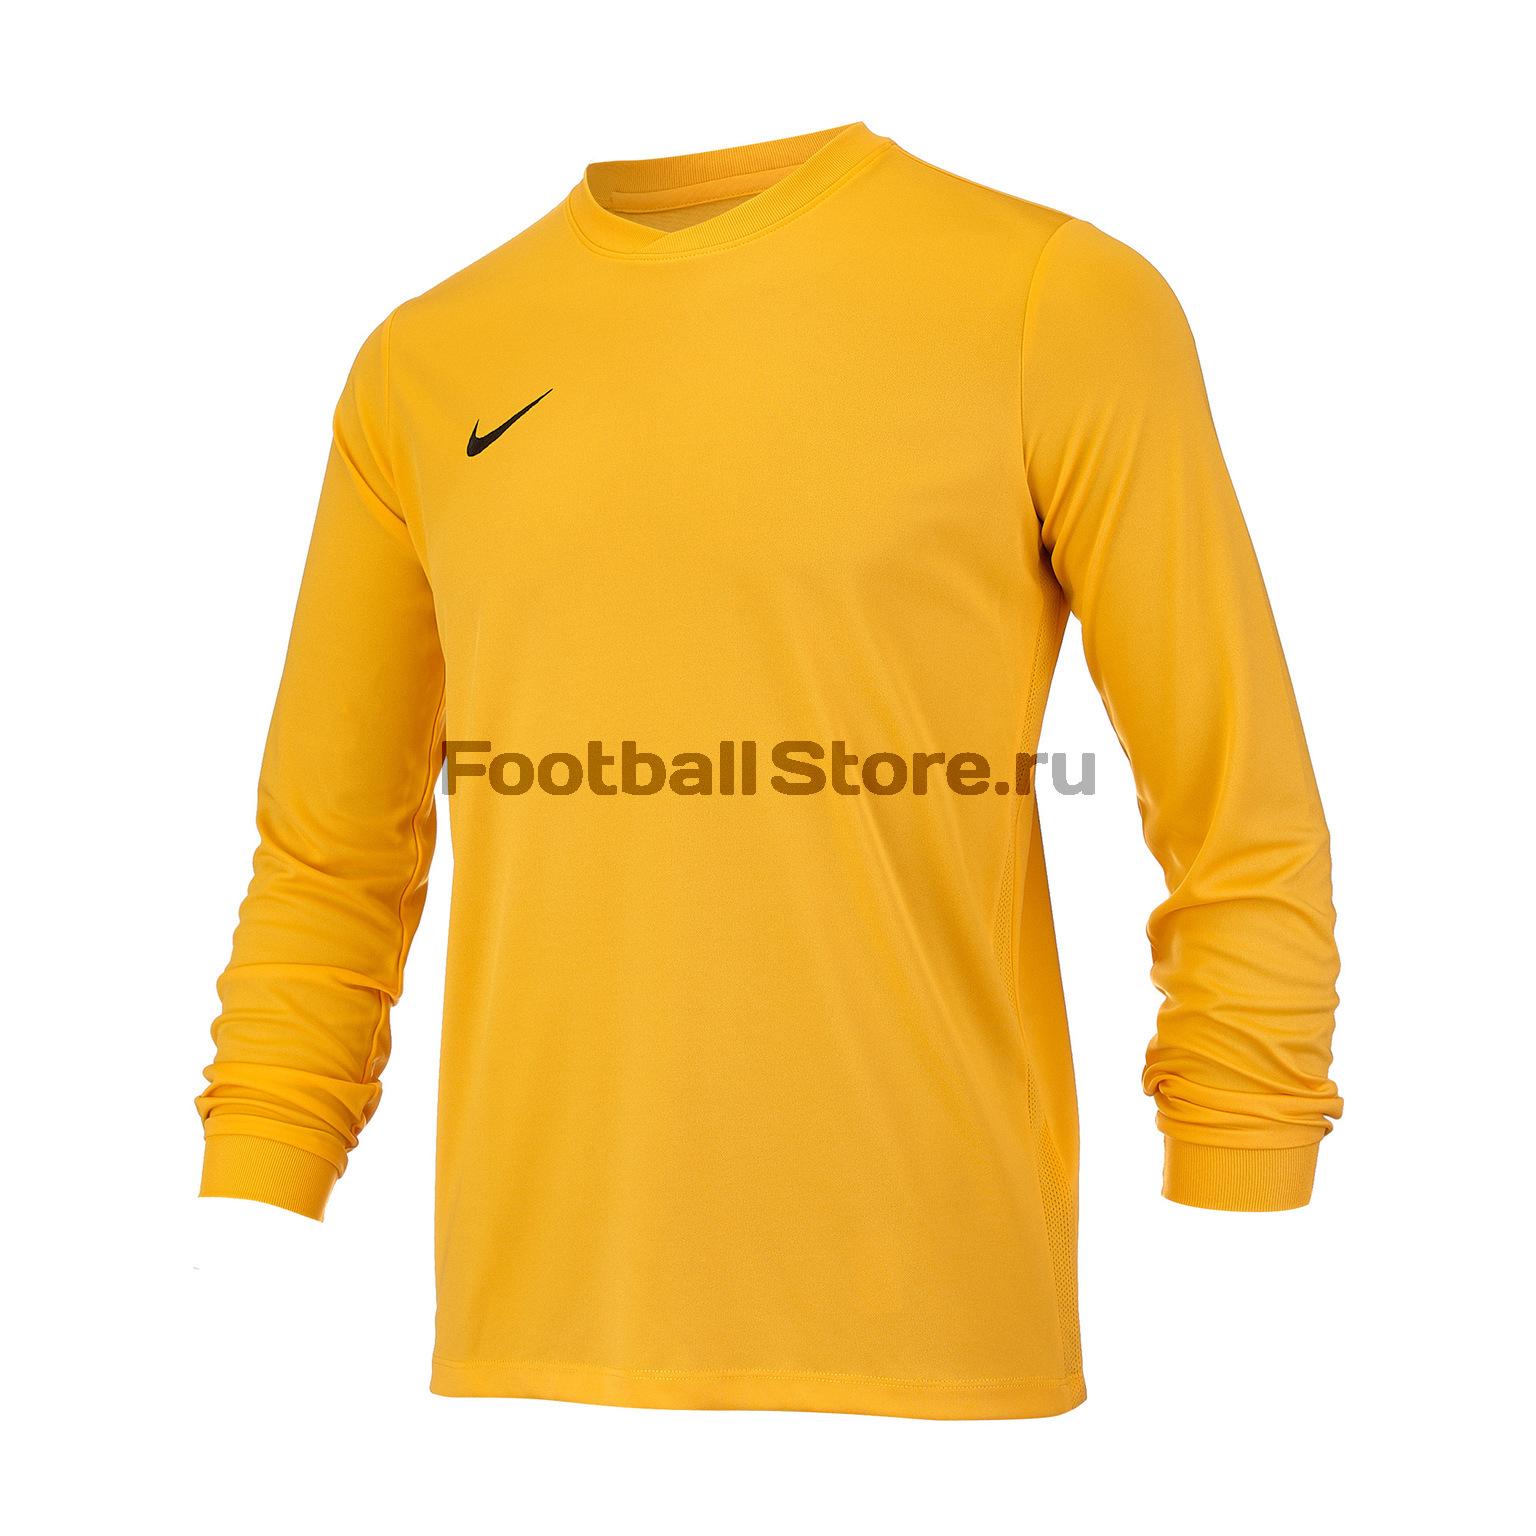 Футболка игровая подростковая Nike Park VI JSY 725970-739